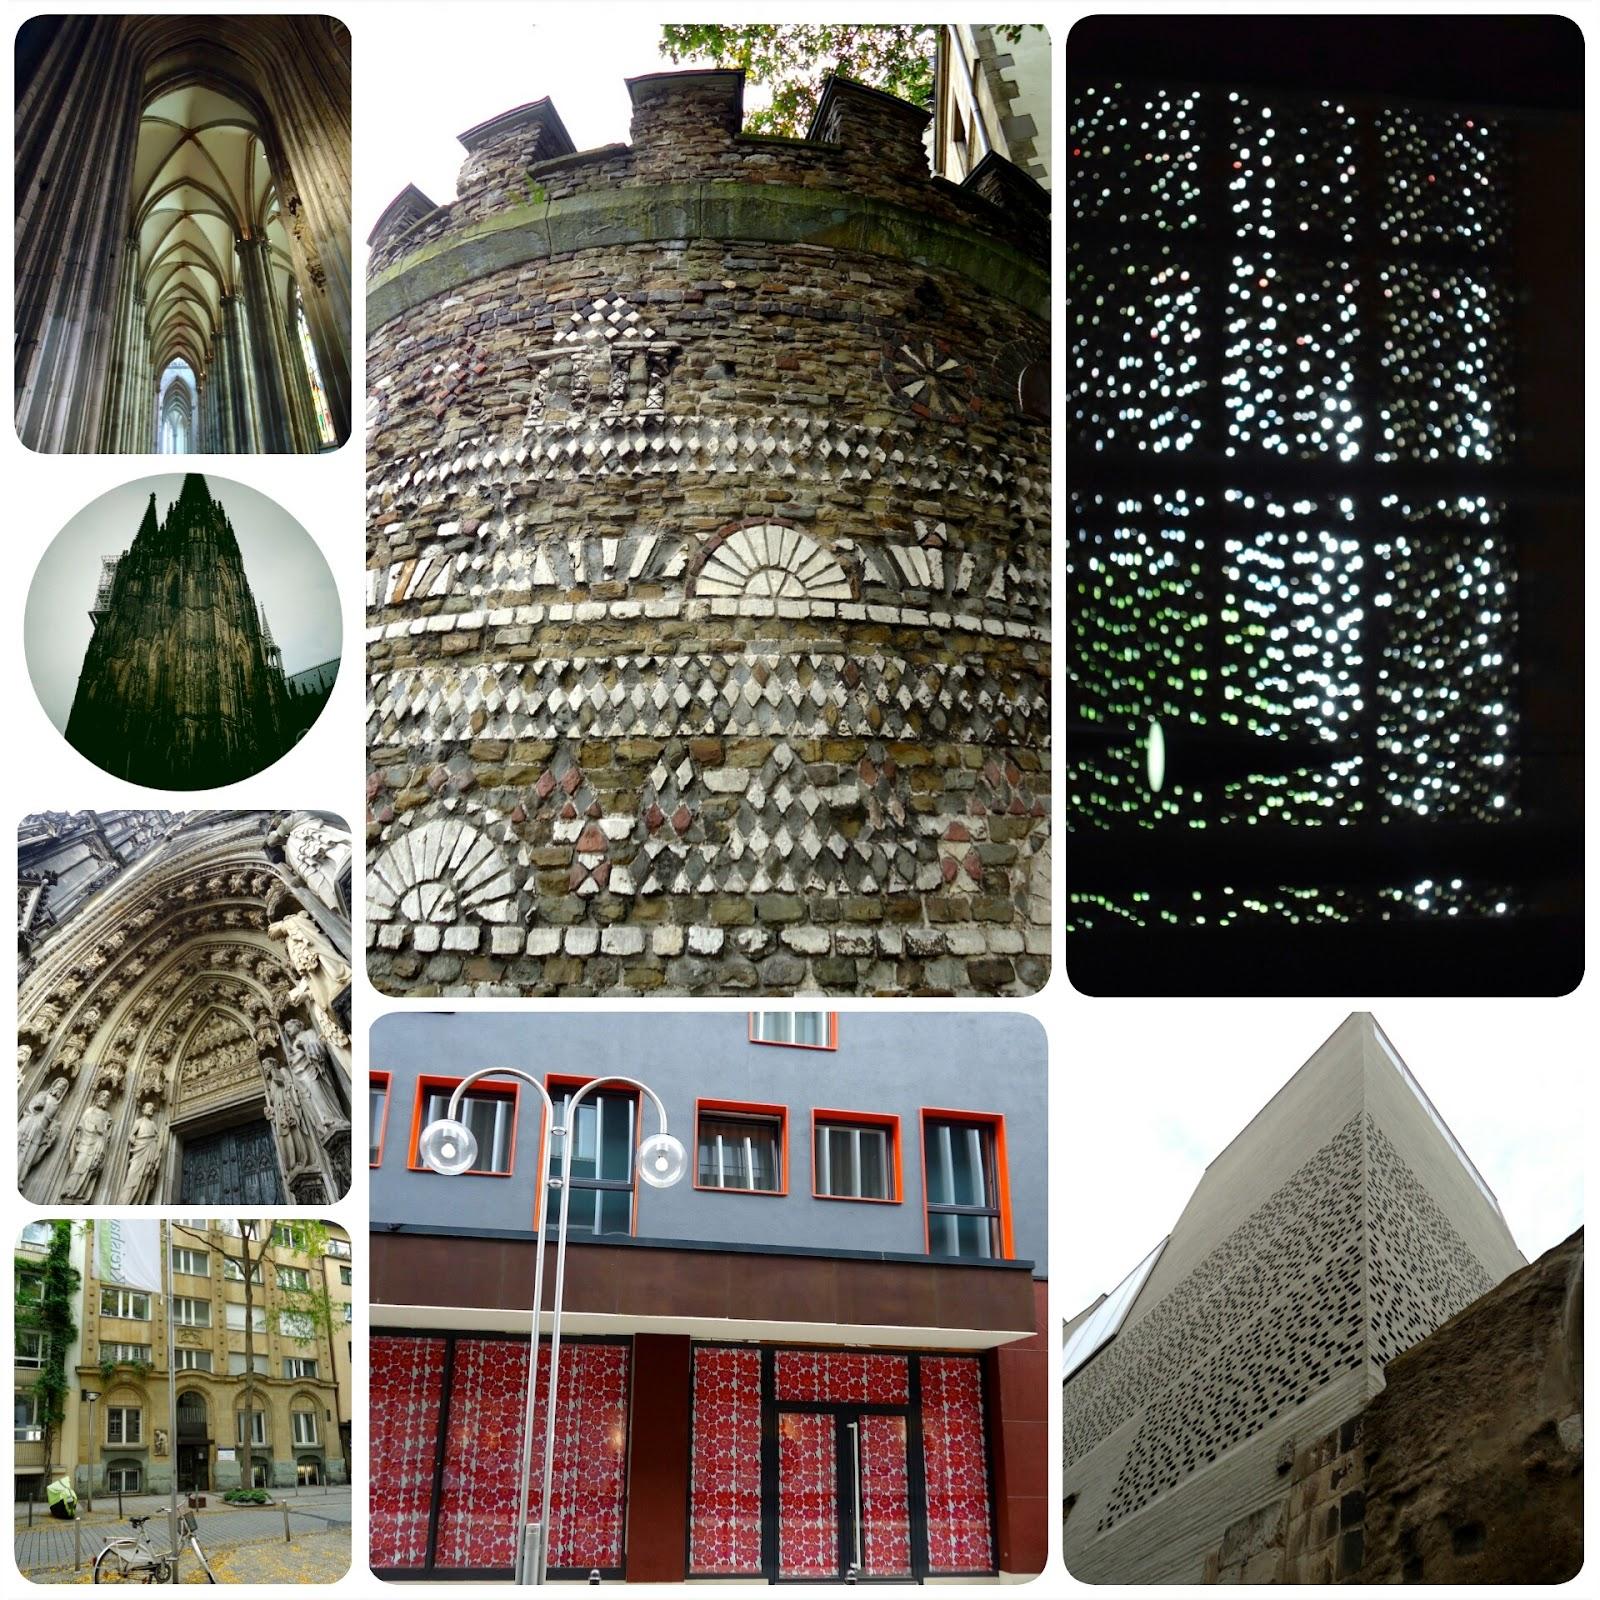 Kölnischer architecture